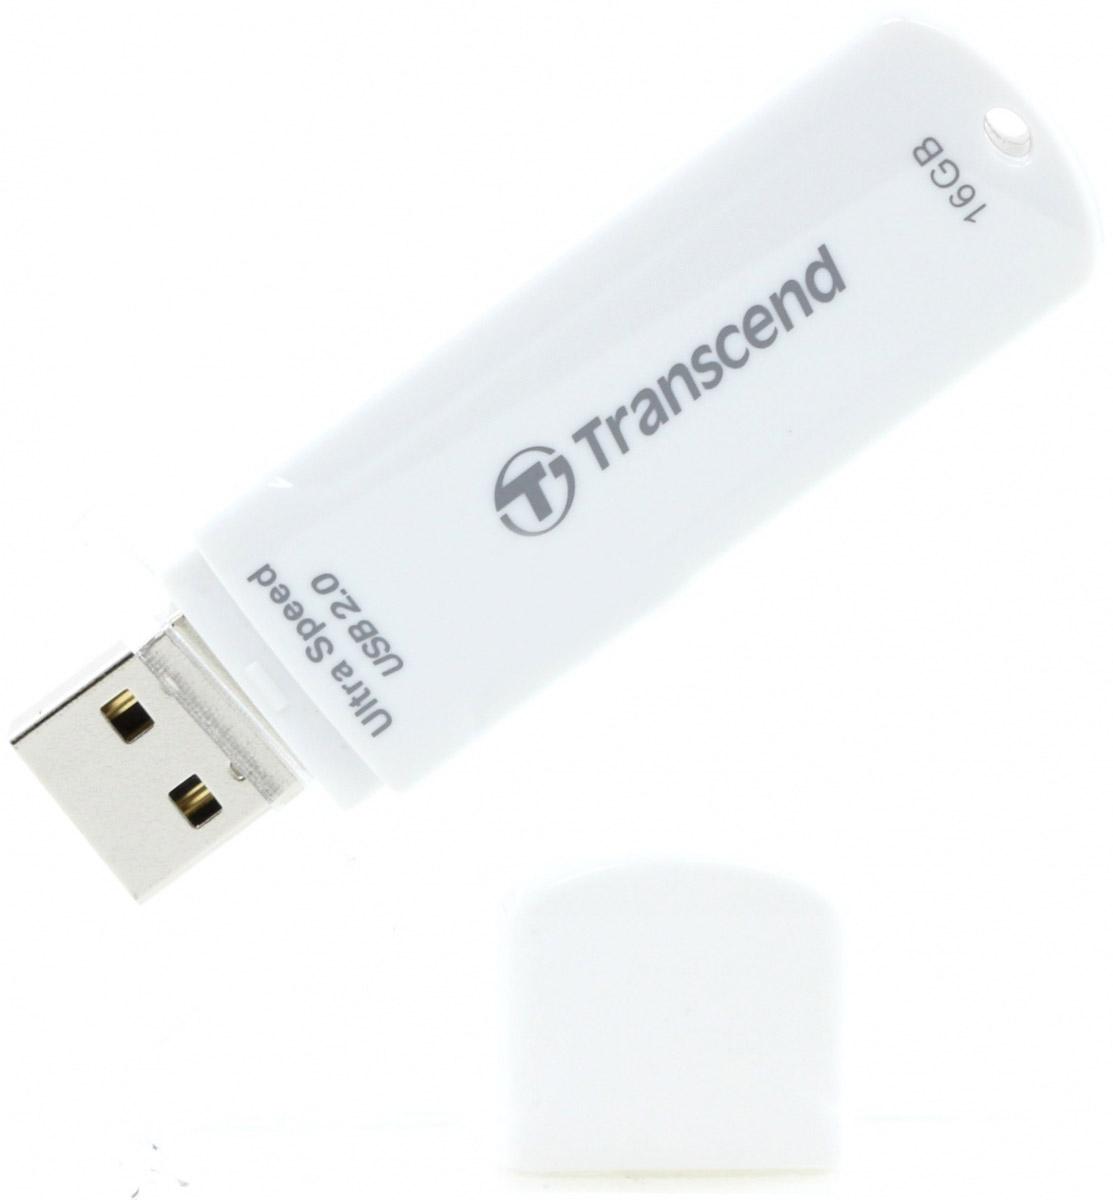 Transcend JetFlash 620, 16 GBTS16GJF620Флэш-накопитель Transcend JetFlash 620 - это устройство для хранения и переноса документации, фото, музыки и видео, которое с легкостью может поместиться у Вас в кармане или кошельке. Флеш-накопитель обеспечит надёжную защиту пользовательских данных благодаря функции автоматического шифрования записываемой информации по алгоритму AES с использованием 256-битных ключей. Получить доступ к информации на носителе с включенной защитой можно только после введения правильного пароля, установленного владельцем. С помощью специального программного обеспечения JetFlash SecureDrive, Вы сможете создать на накопителе приватную зону и ограничить доступ только к ней.